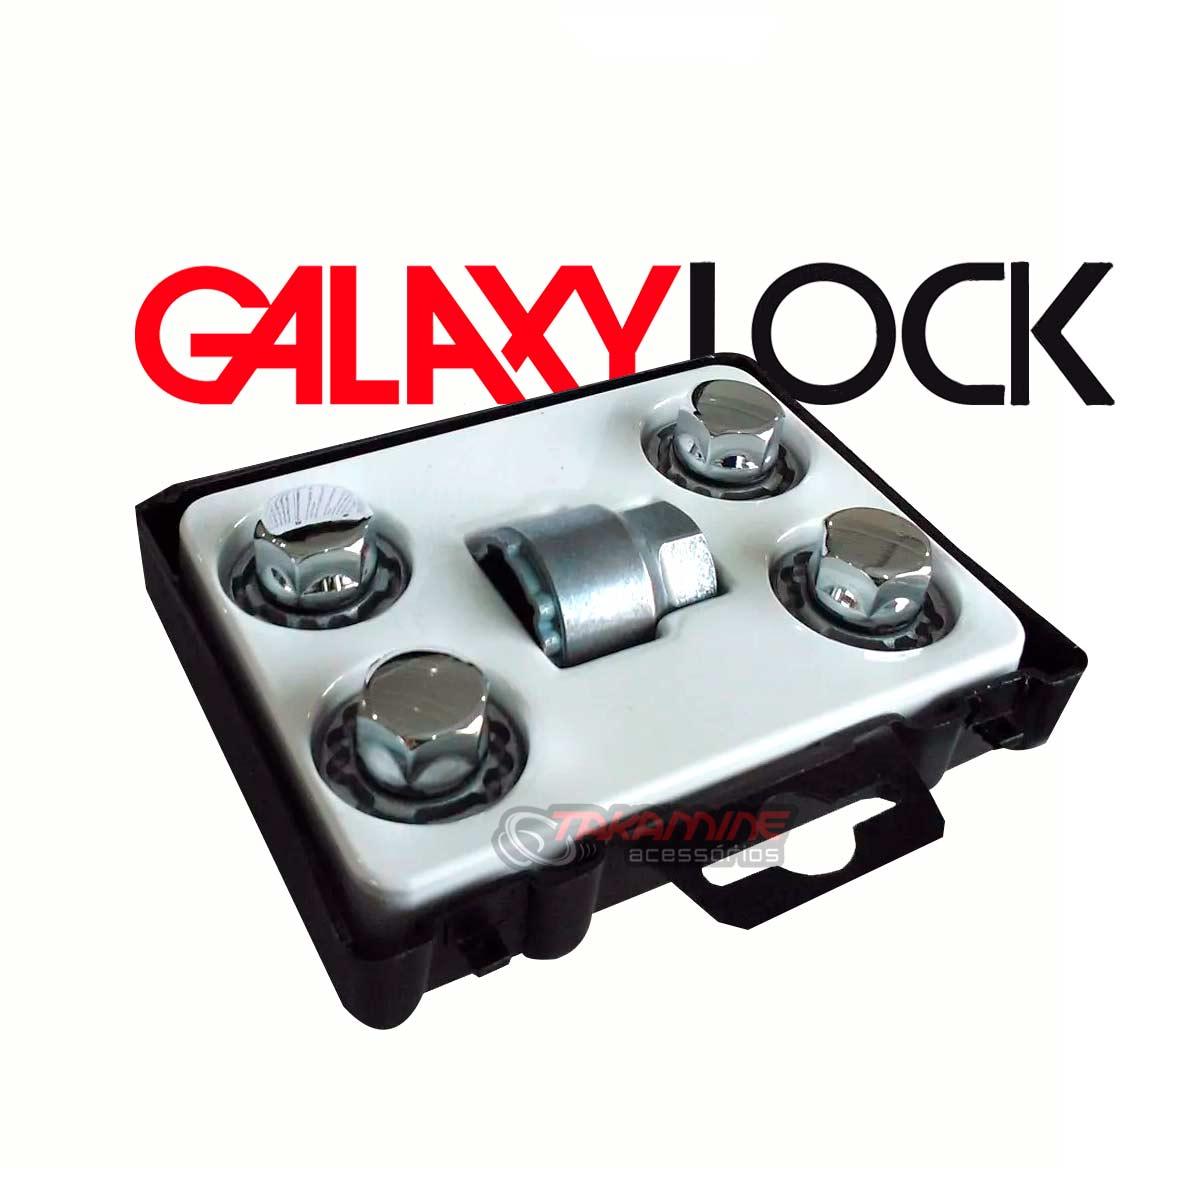 Porca antifurto para rodas Galaxy Lock Camry 1996 até 2020 (roda de liga) 382/M